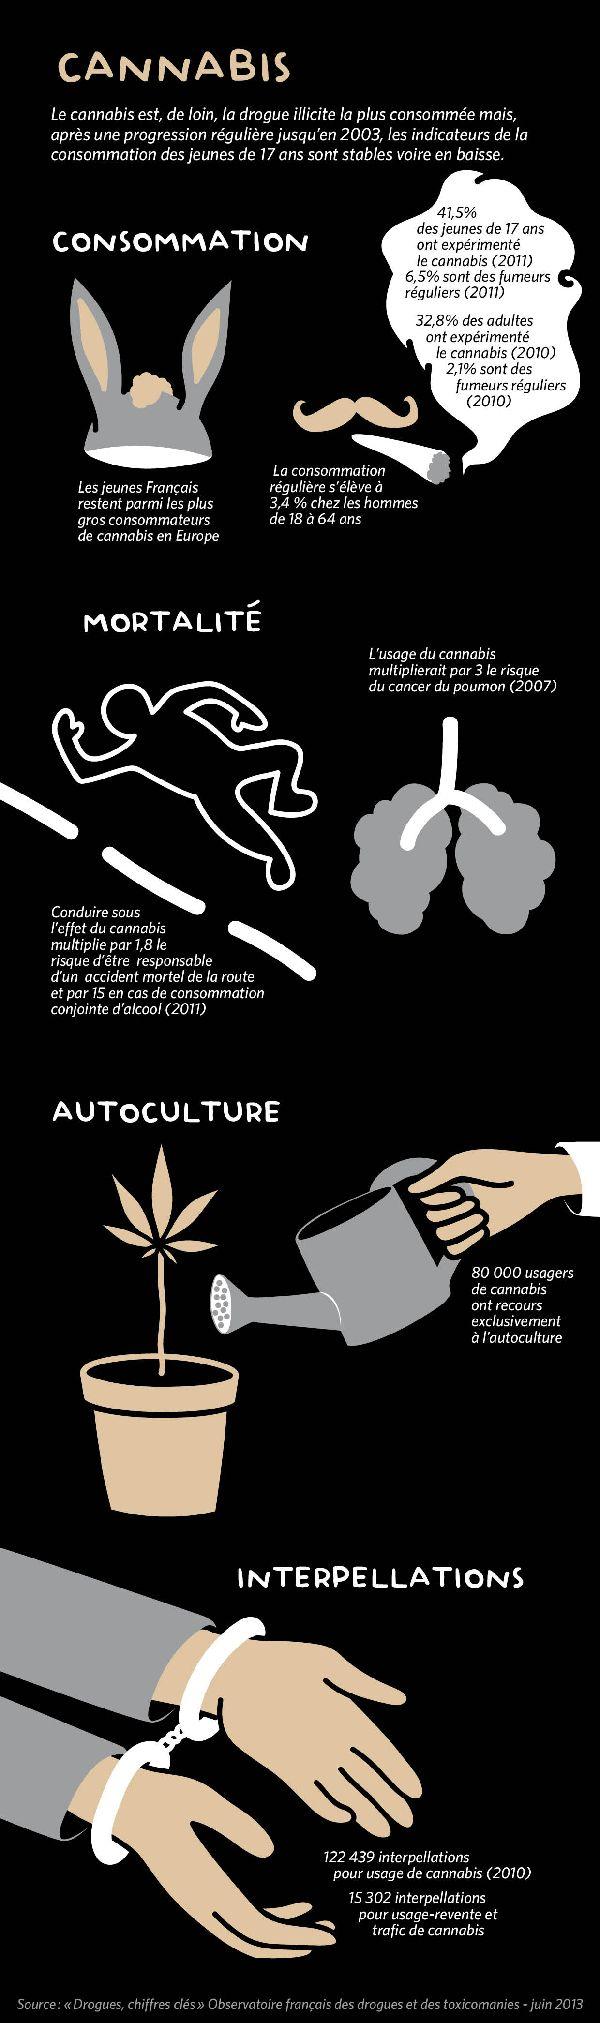 Les chiffres clés du cannabis - Drogues Info Service